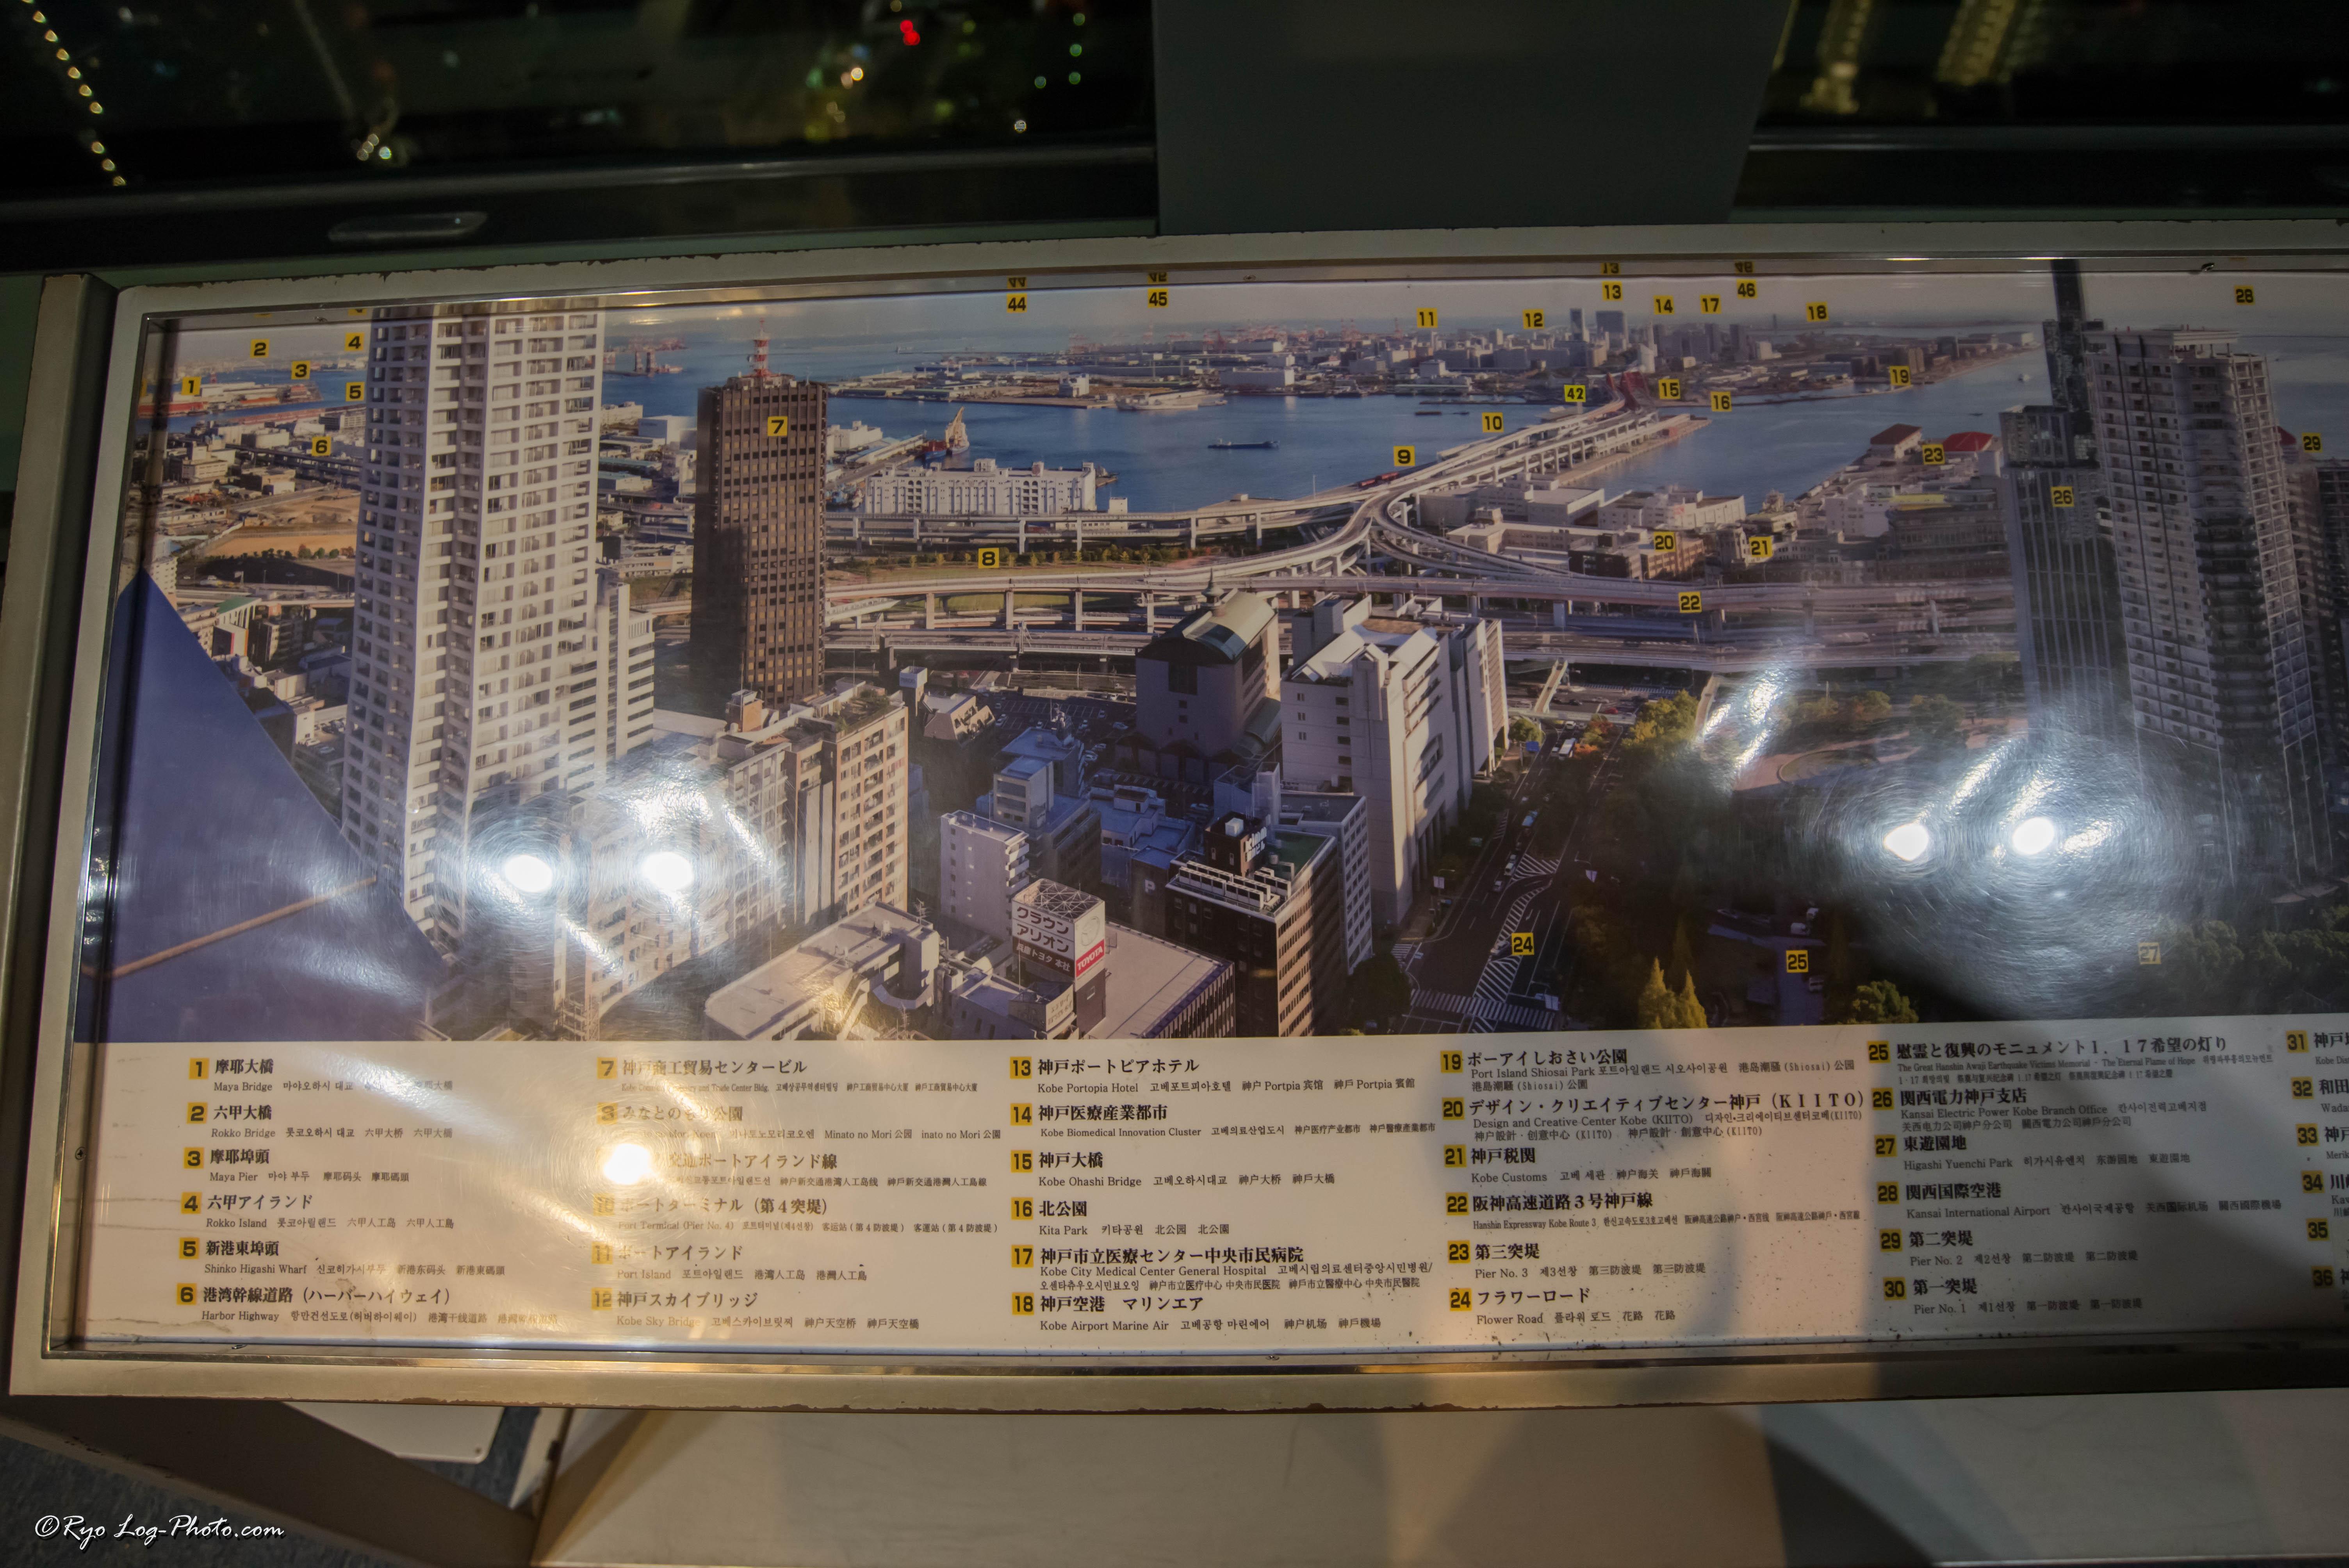 神戸市役所 夜景 穴場